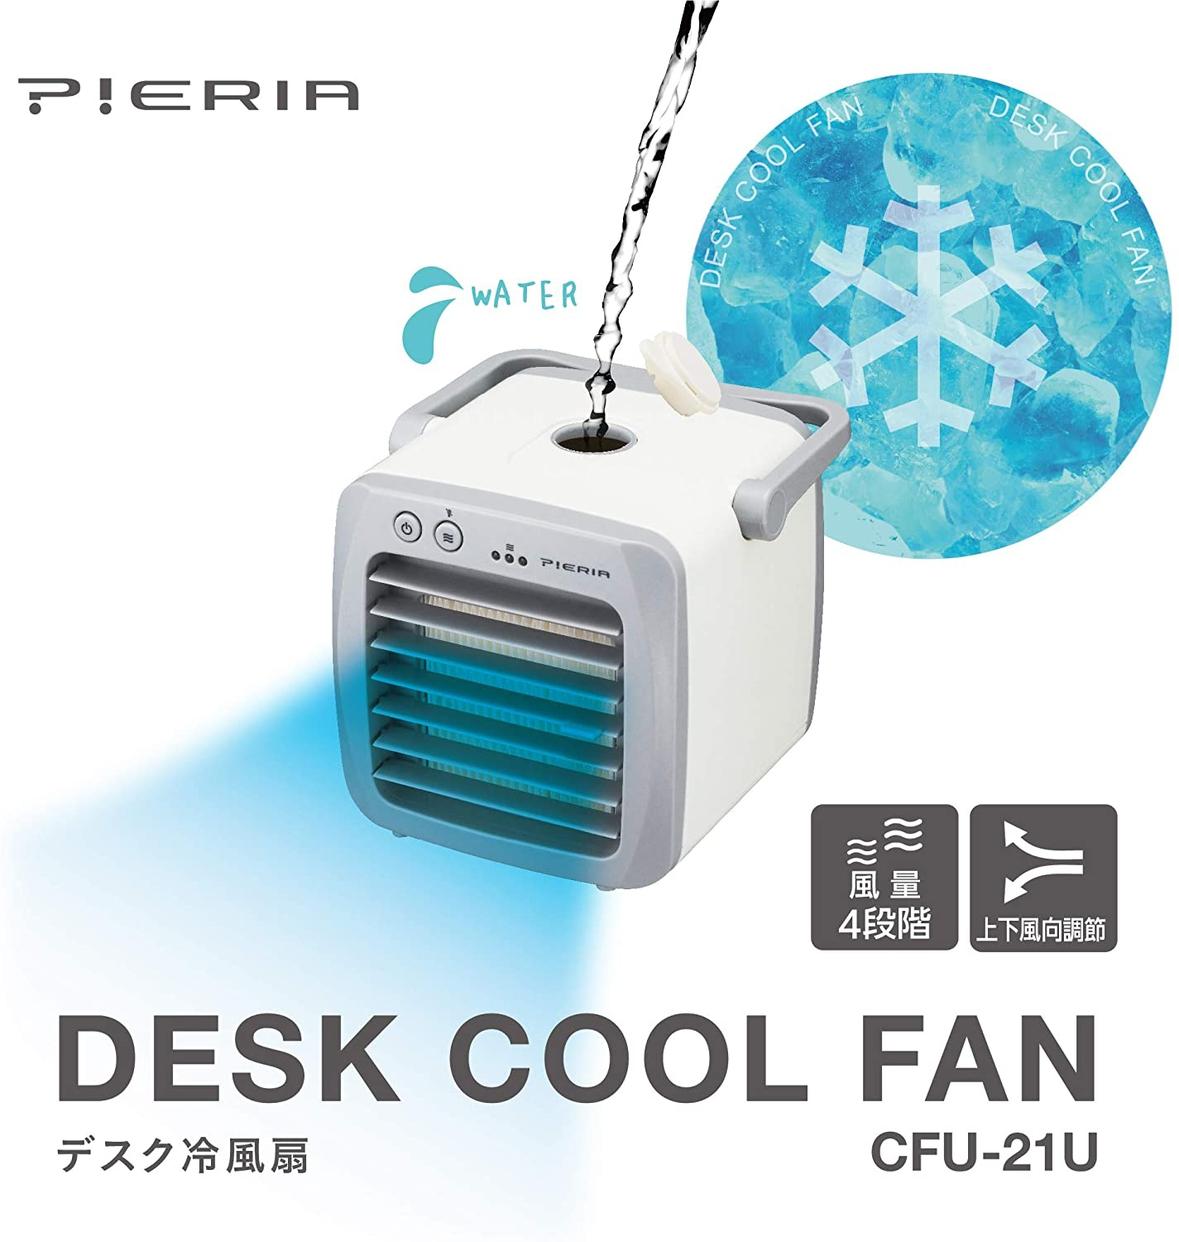 DOSHISHA(ドウシシャ) デスク冷風扇 PIERIA CFU-21Uの商品画像2